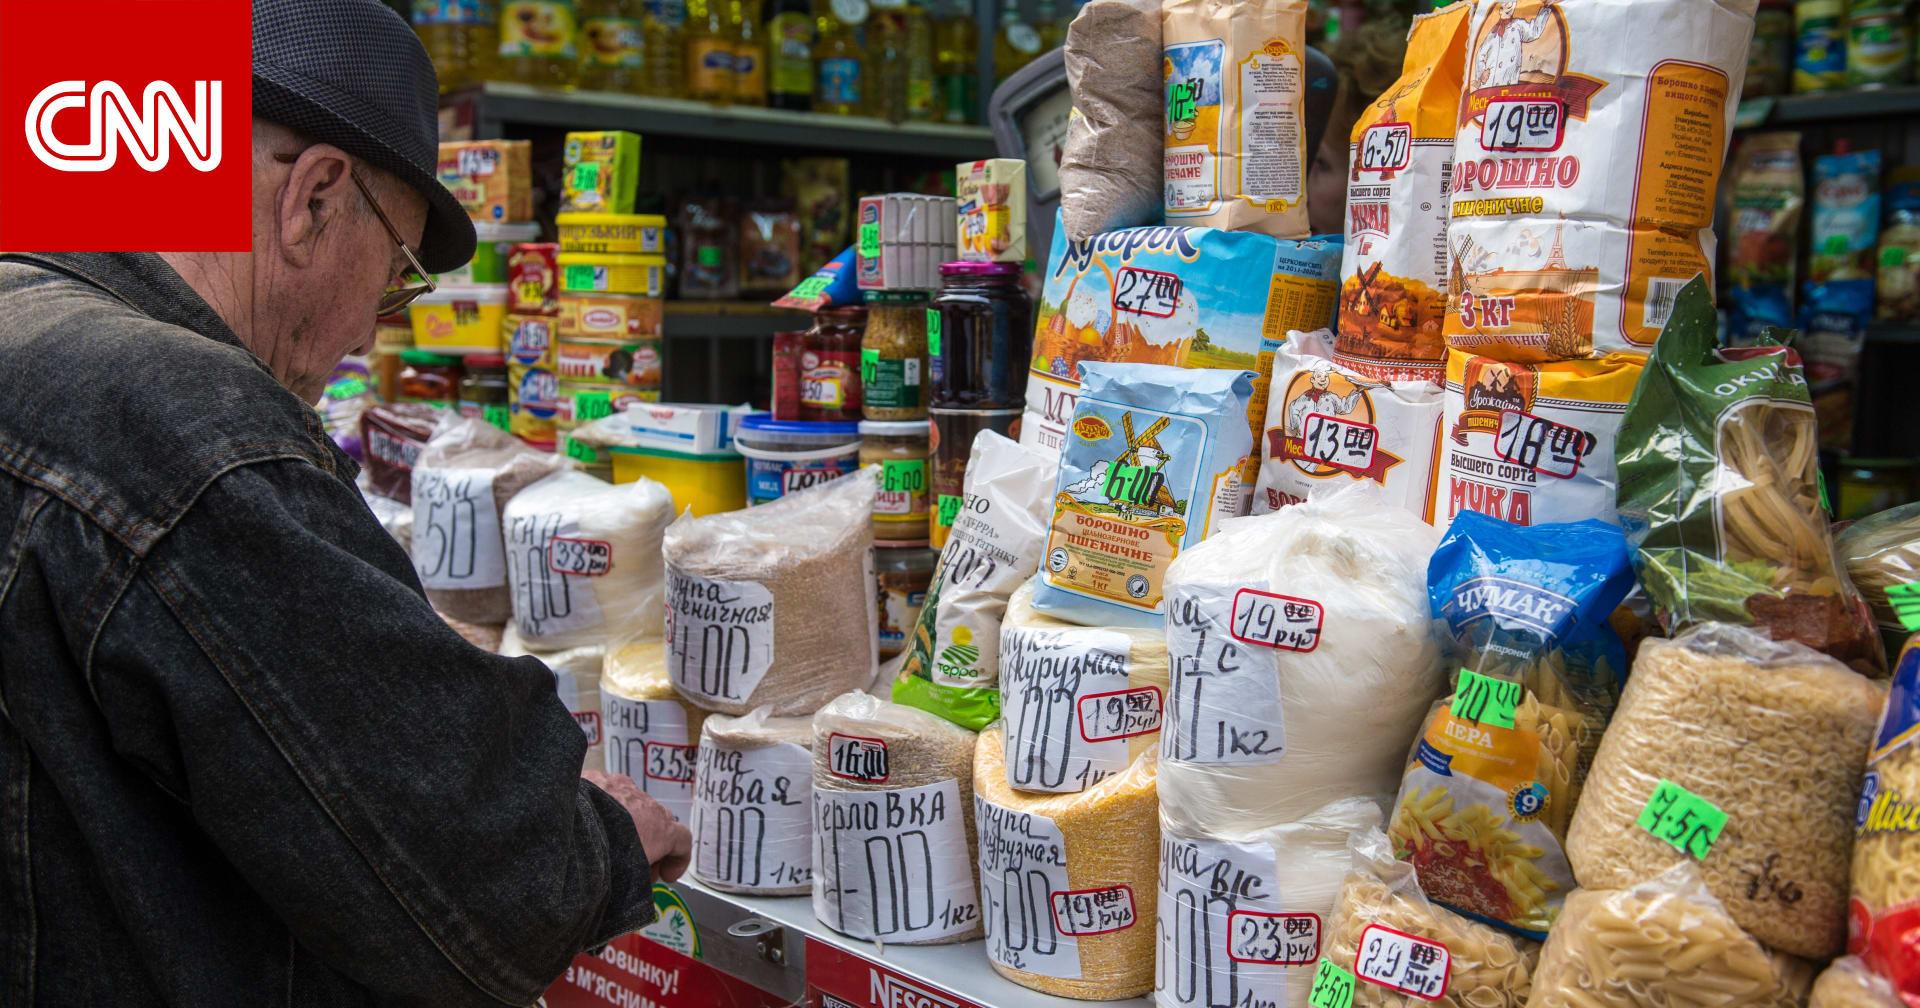 منظمة الأغذية والزراعة: أسعار الغذاء في أعلى مستوياتها منذ 2014